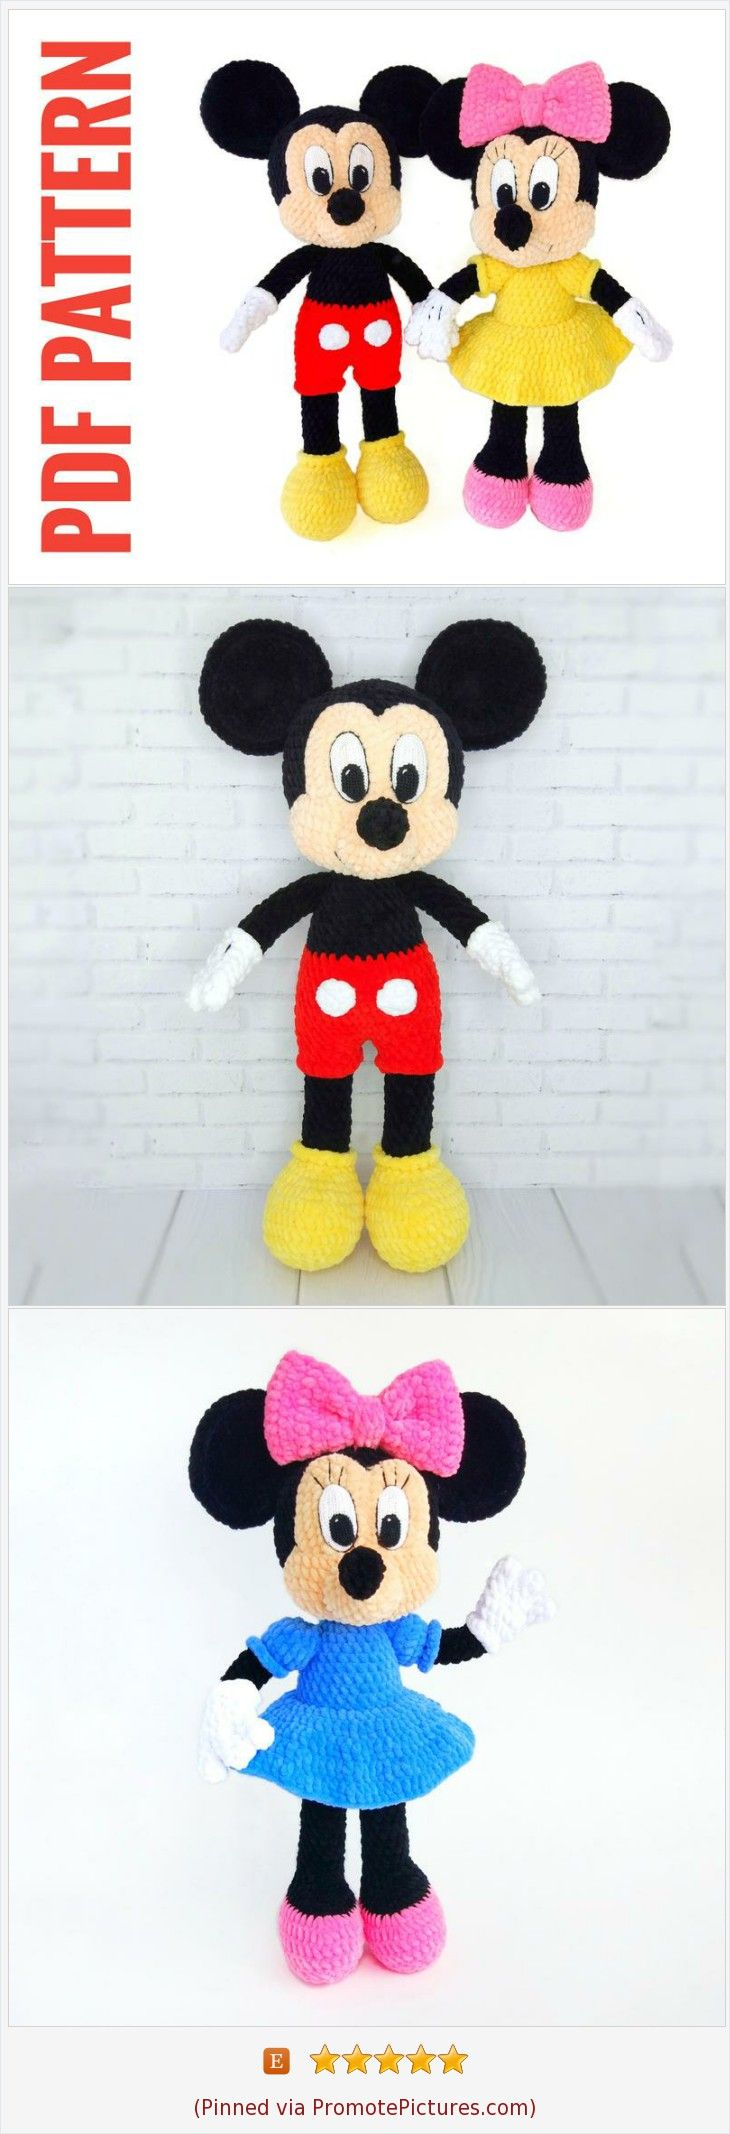 Patrones gratis Mickey Mouse amigurumi Free amigurumi patterns ...   2134x730